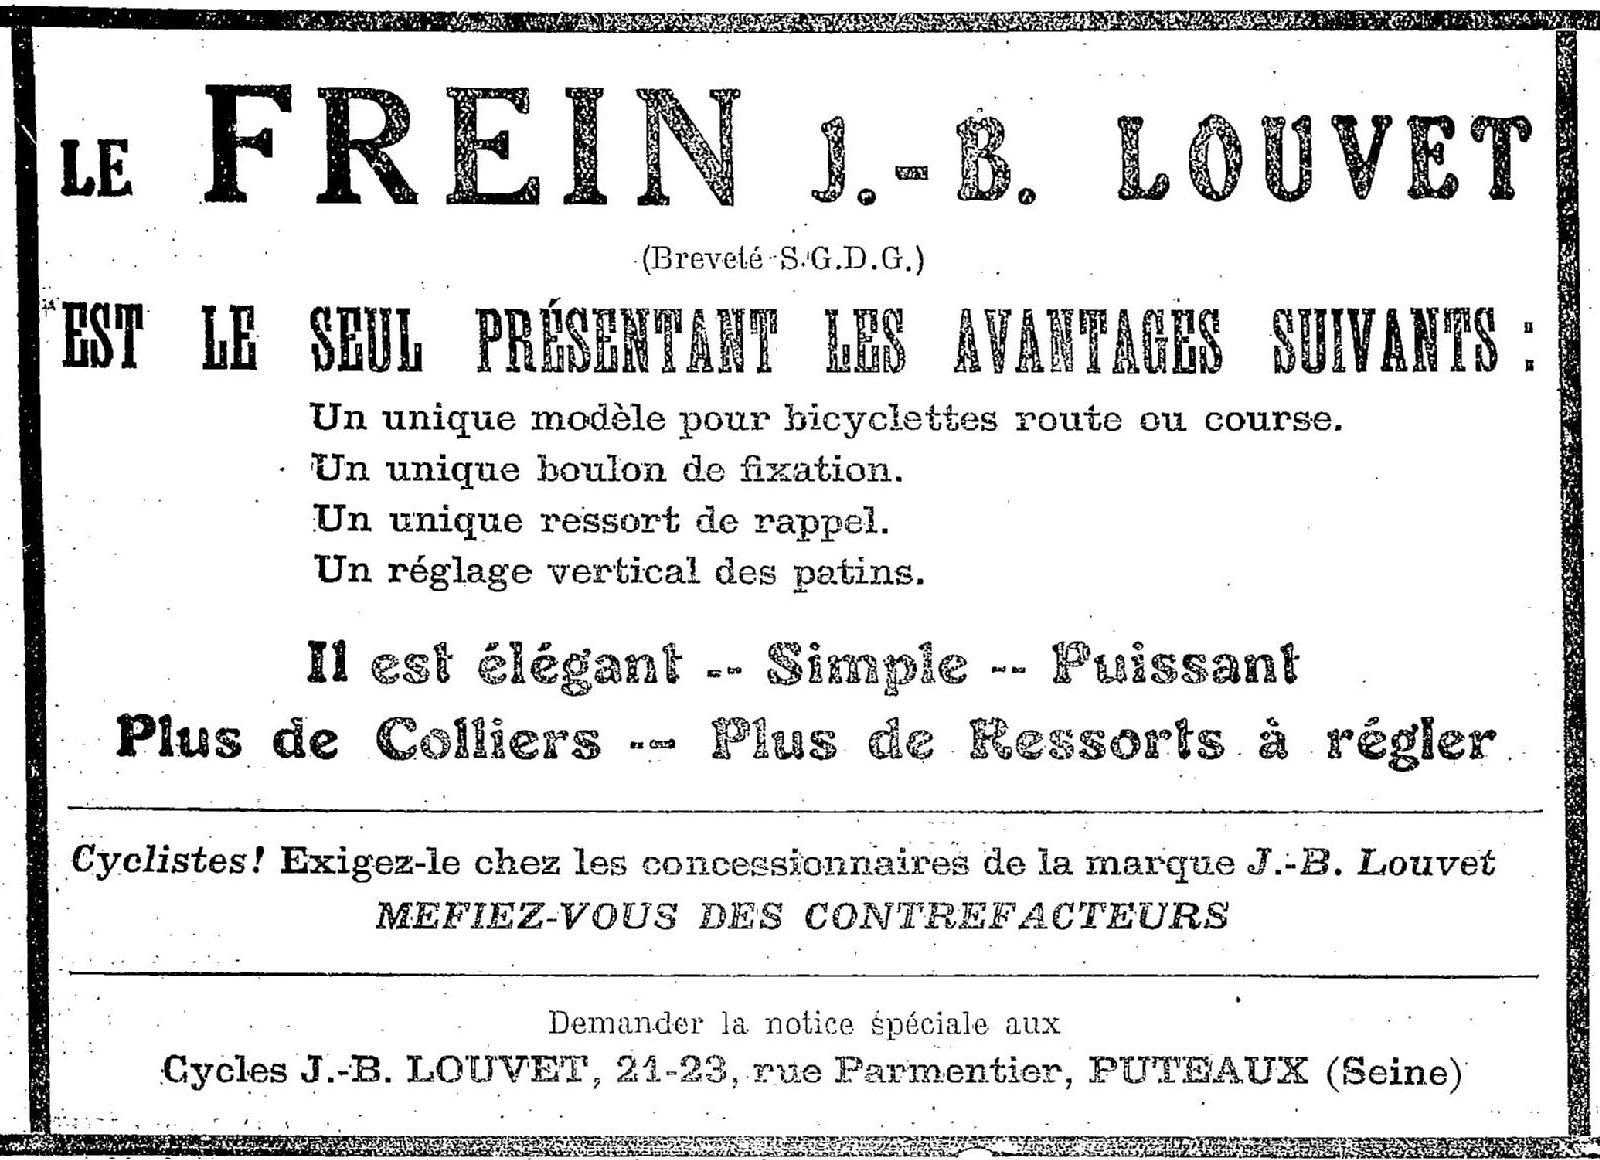 la-pedale-04-03-1924-louvet